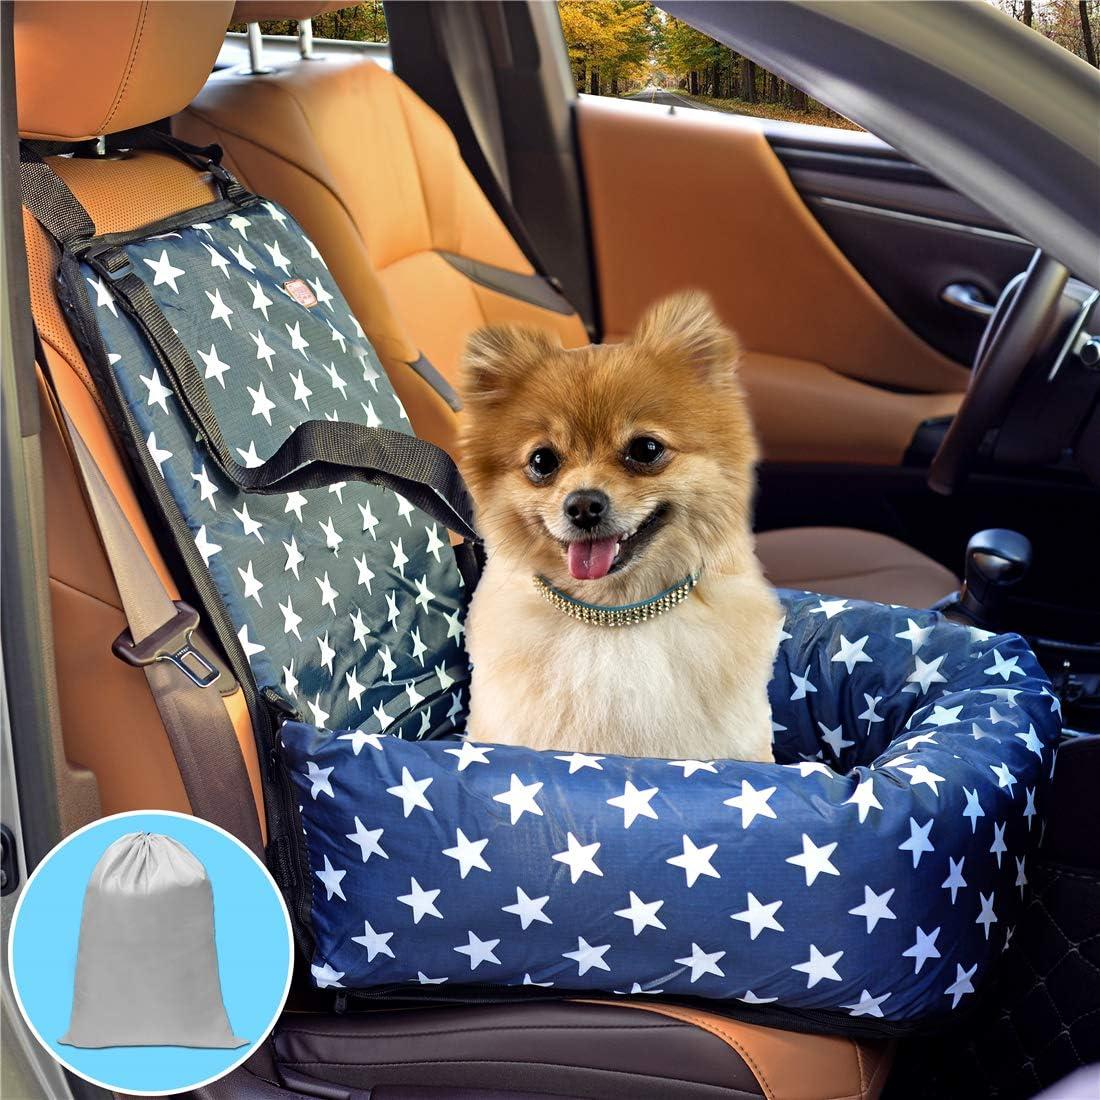 Hunde Autositz Haustier Autositz Hundeerhöhung Geeignet Für Kleine Und Mittelgroße Hunde Oder Katzen Mit Einem Gewicht Von 18 Kg Bietet 1 Große Aufbewahrungstasche Zum Organisieren Des Hundesitzes Auto